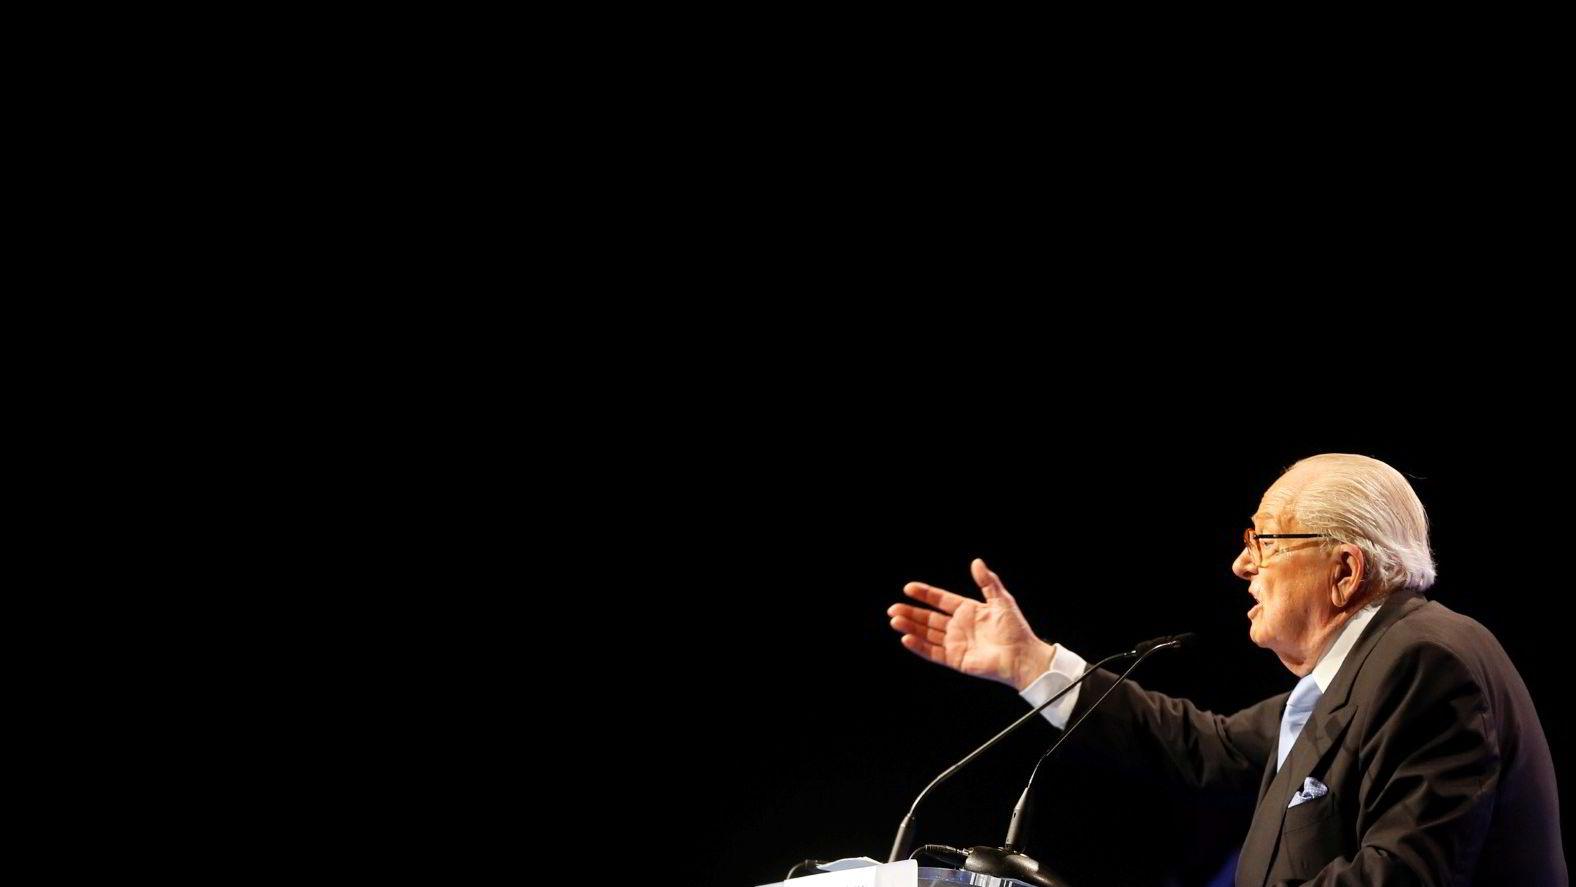 Jean-Marie Le Pen har i oppkjøringen fram mot EU-valget nok en gang høstet storm for sine kontroversielle uttalelser. Her taler han i Marseille tirsdag. Foto: Jean-Paul Pelissier / REUTERS / NTB scanpix